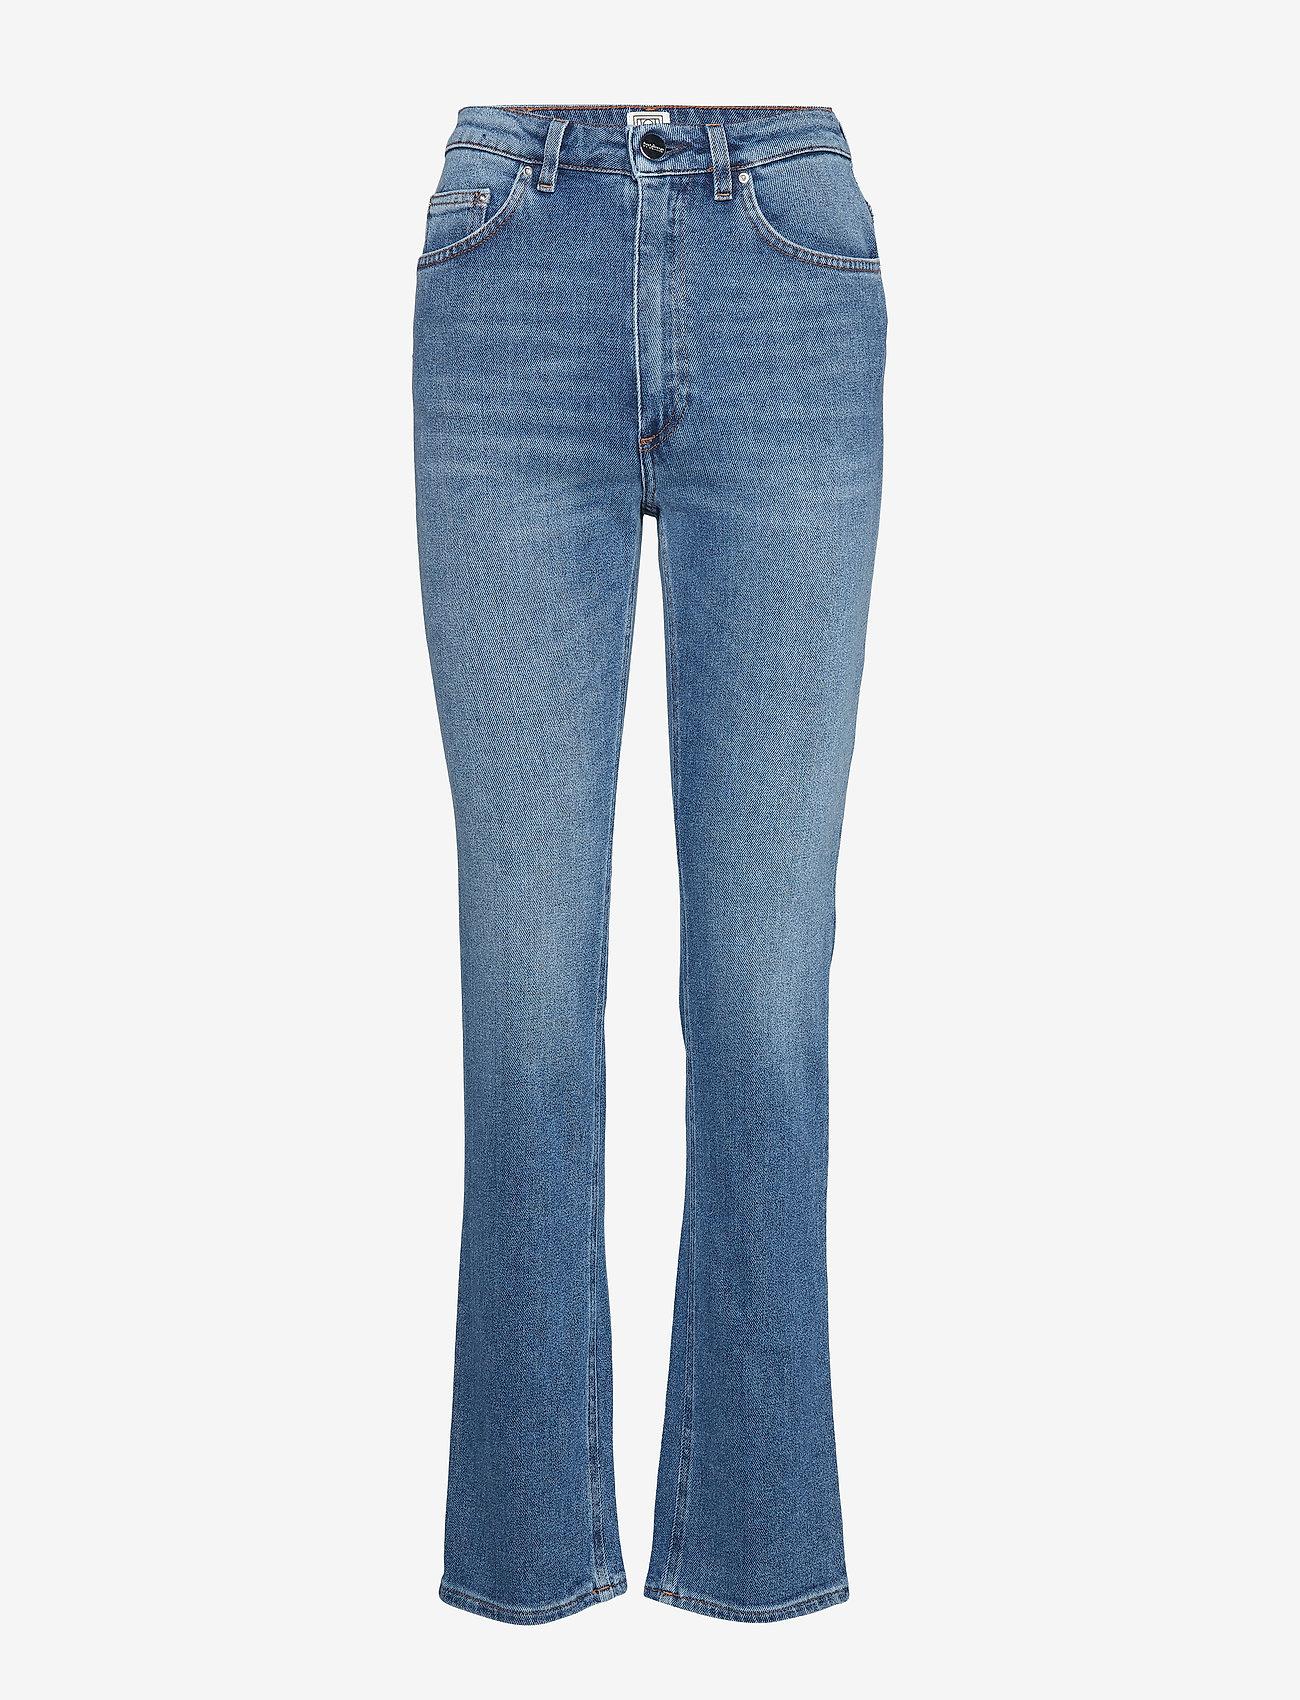 Totême - STANDARD DENIM - straight jeans - mid blue wash 410 - 0